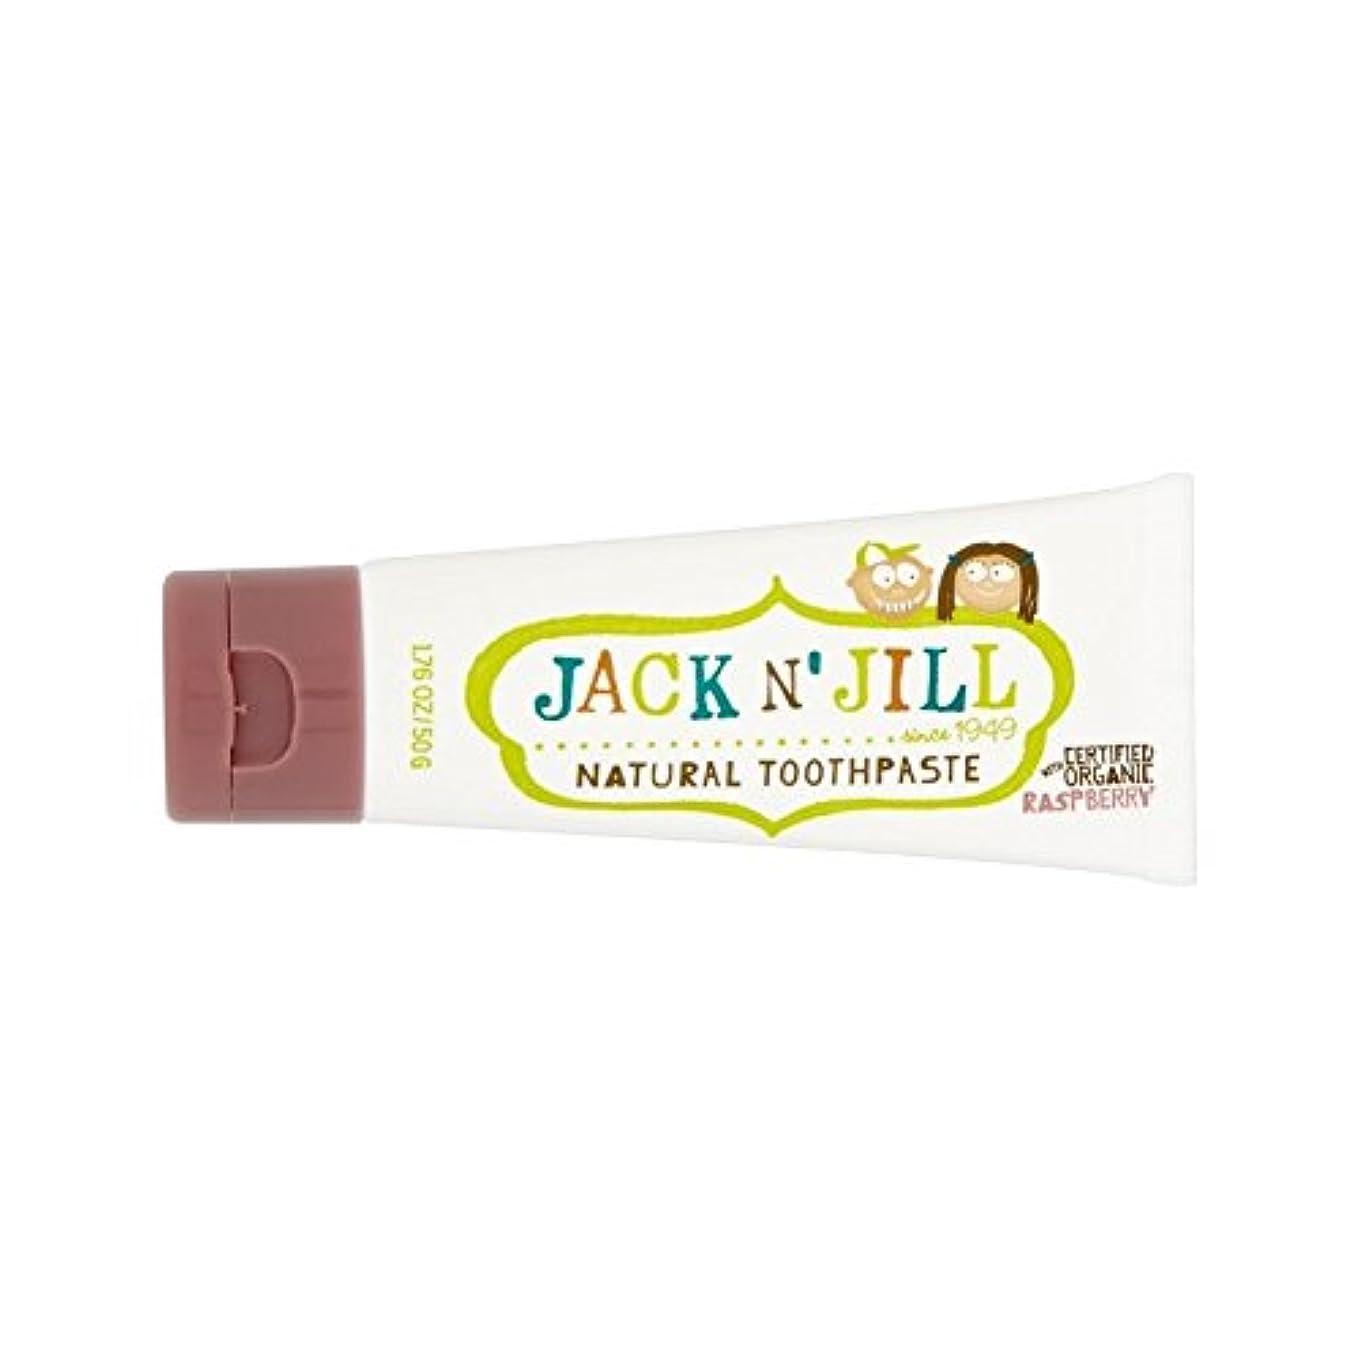 展示会カップル分注する有機香味50グラム天然ラズベリー歯磨き粉 (Jack N Jill) (x 2) - Jack N' Jill Raspberry Toothpaste Natural with Organic Flavouring 50g...